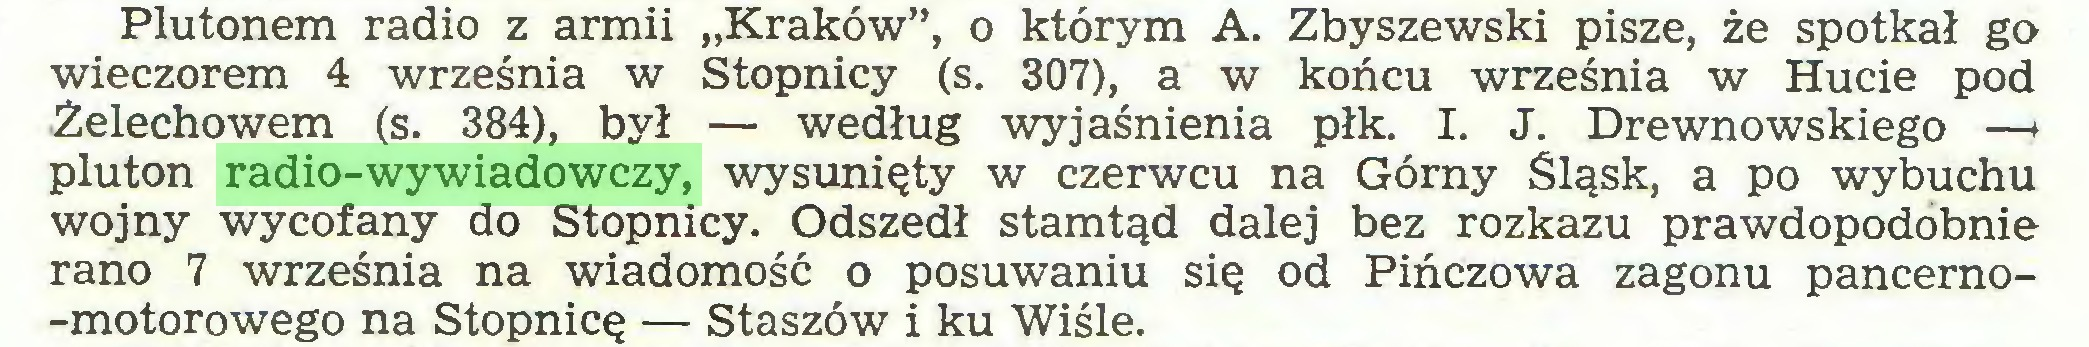 """(...) Plutonem radio z armii """"Kraków"""", o którym A. Zbyszewski pisze, że spotkał go wieczorem 4 września w Stopnicy (s. 307), a w końcu września w Hucie pod Żelechowem (s. 384), był — według wyjaśnienia płk. I. J. Drewnowskiego —♦ pluton radio-wywiadowczy, wysunięty w czerwcu na Górny Śląsk, a po wybuchu wojny wycofany do Stopnicy. Odszedł stamtąd dalej bez rozkazu prawdopodobnie rano 7 września na wiadomość o posuwaniu się od Pińczowa zagonu pancerno-motorowego na Stopnicę — Staszów i ku Wiśle..."""